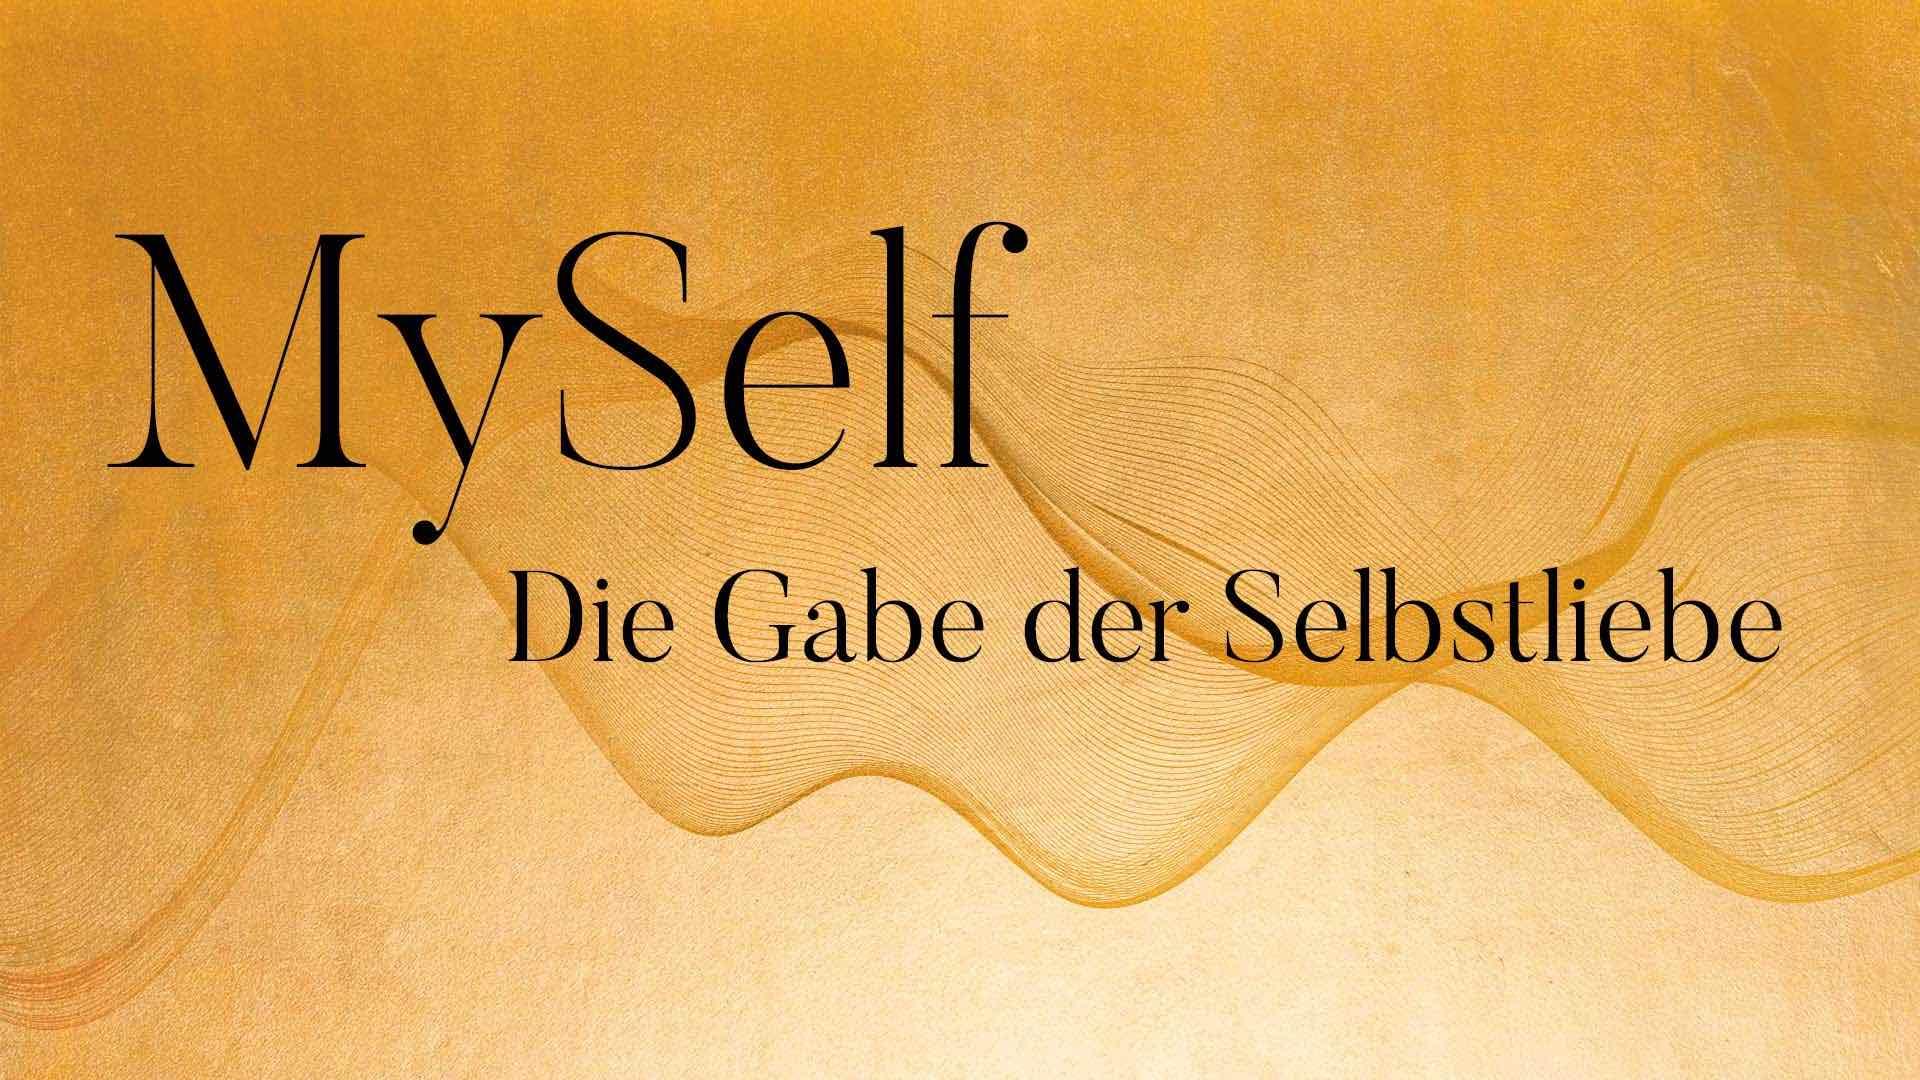 MySelf – die Gabe der Selbstliebe